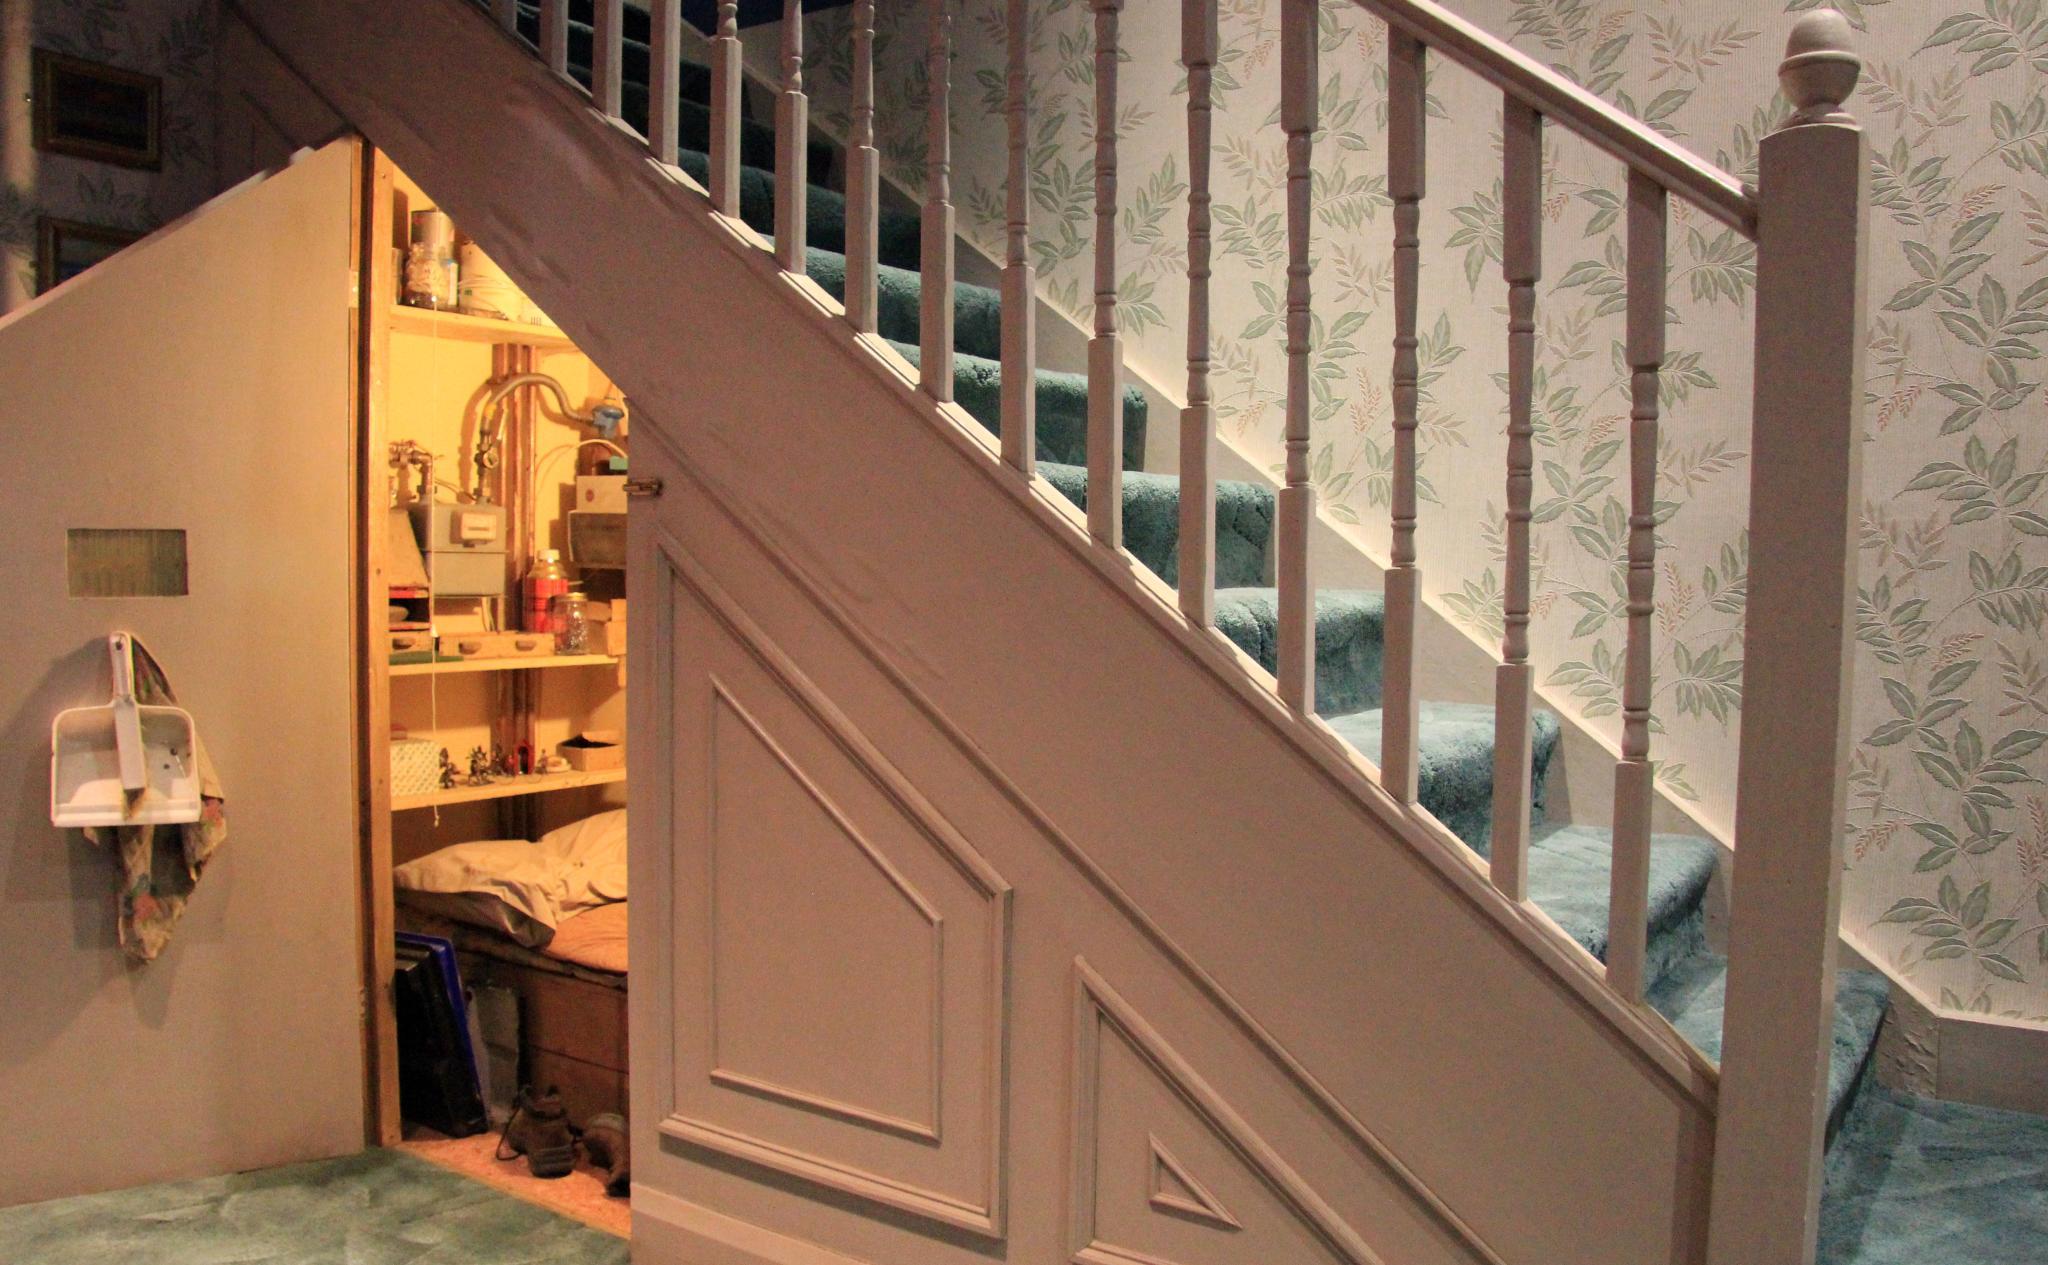 10 opciones de decoraci n para aprovechar el hueco de la for Como aprovechar el hueco de una escalera